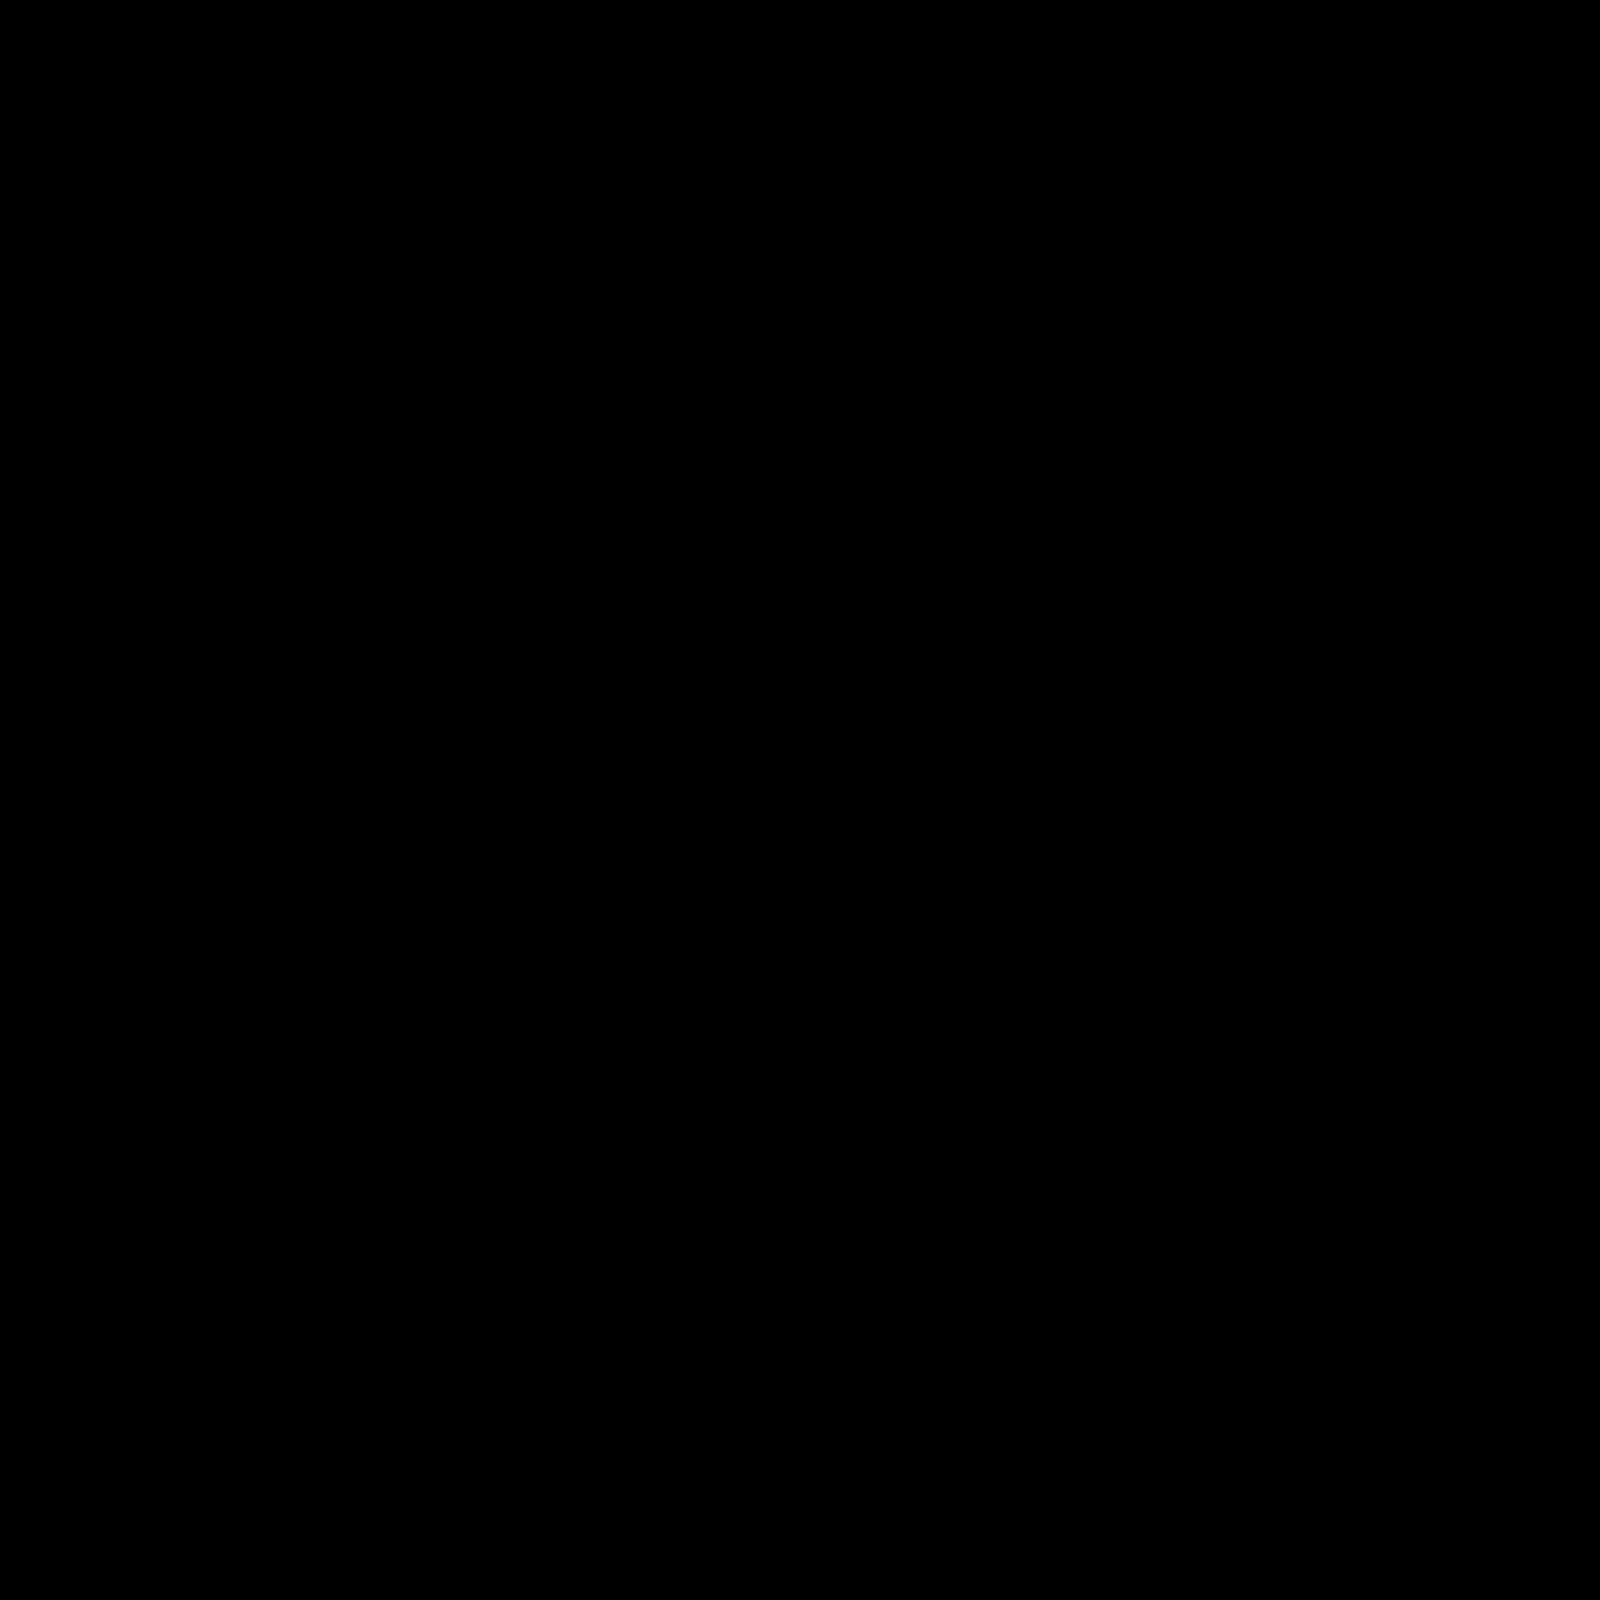 7 C icon